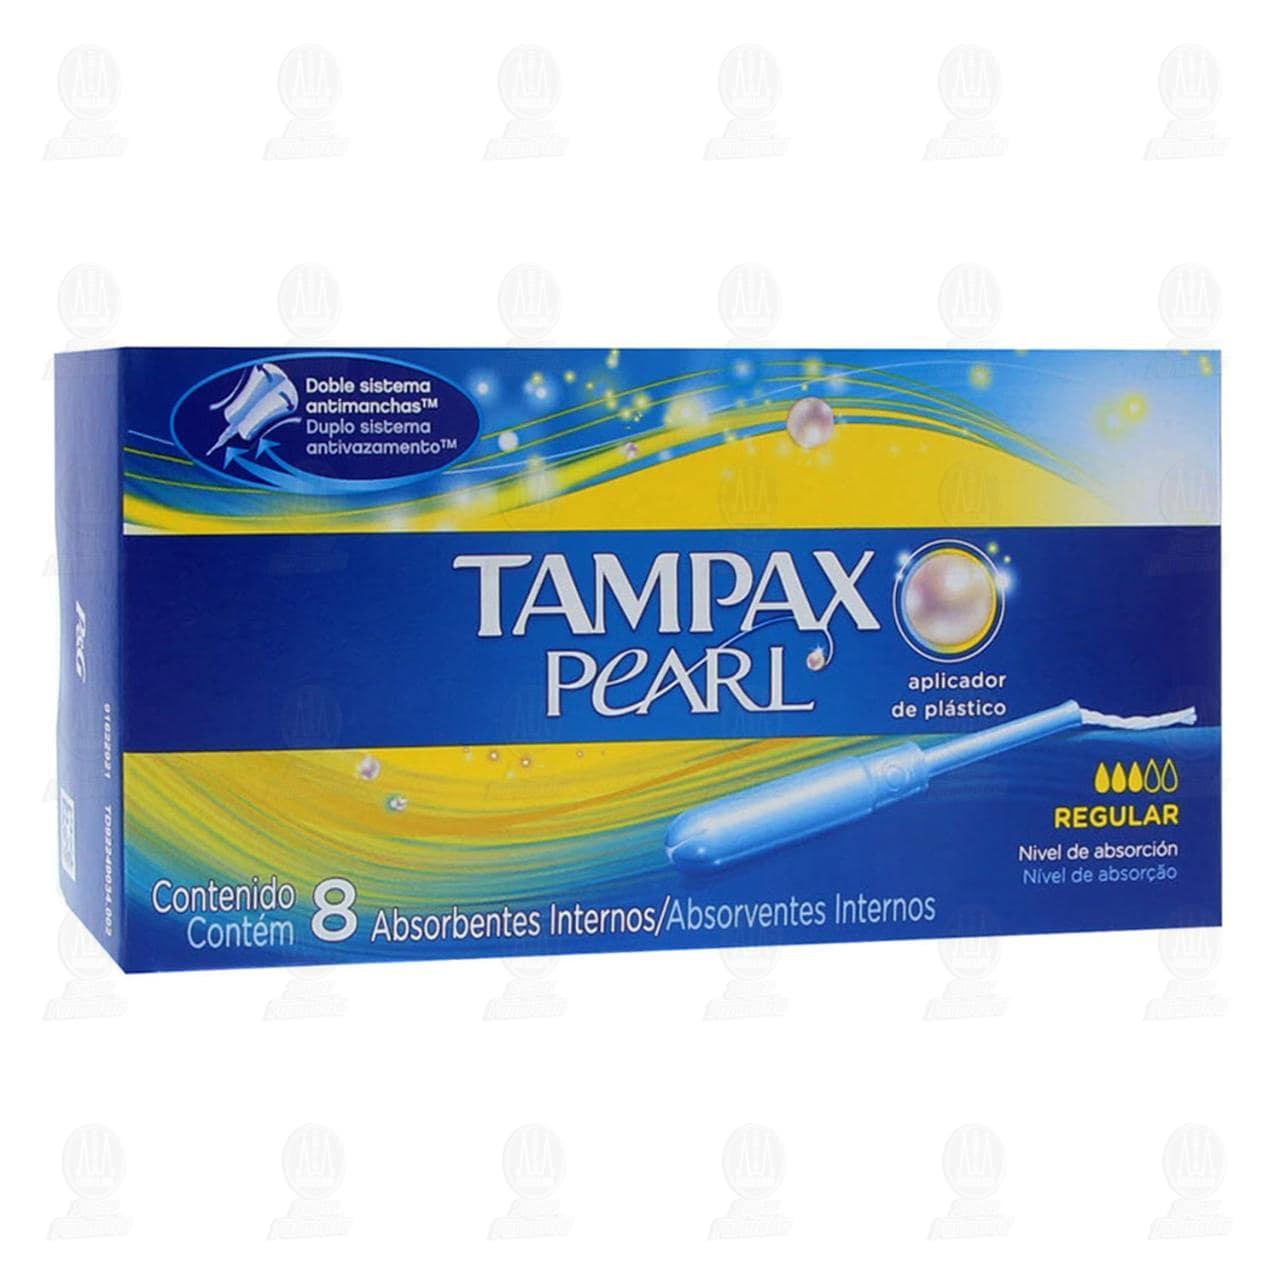 Comprar Tampón Tampax Pearl de Absorción Regular, 8 pzas. en Farmacias Guadalajara